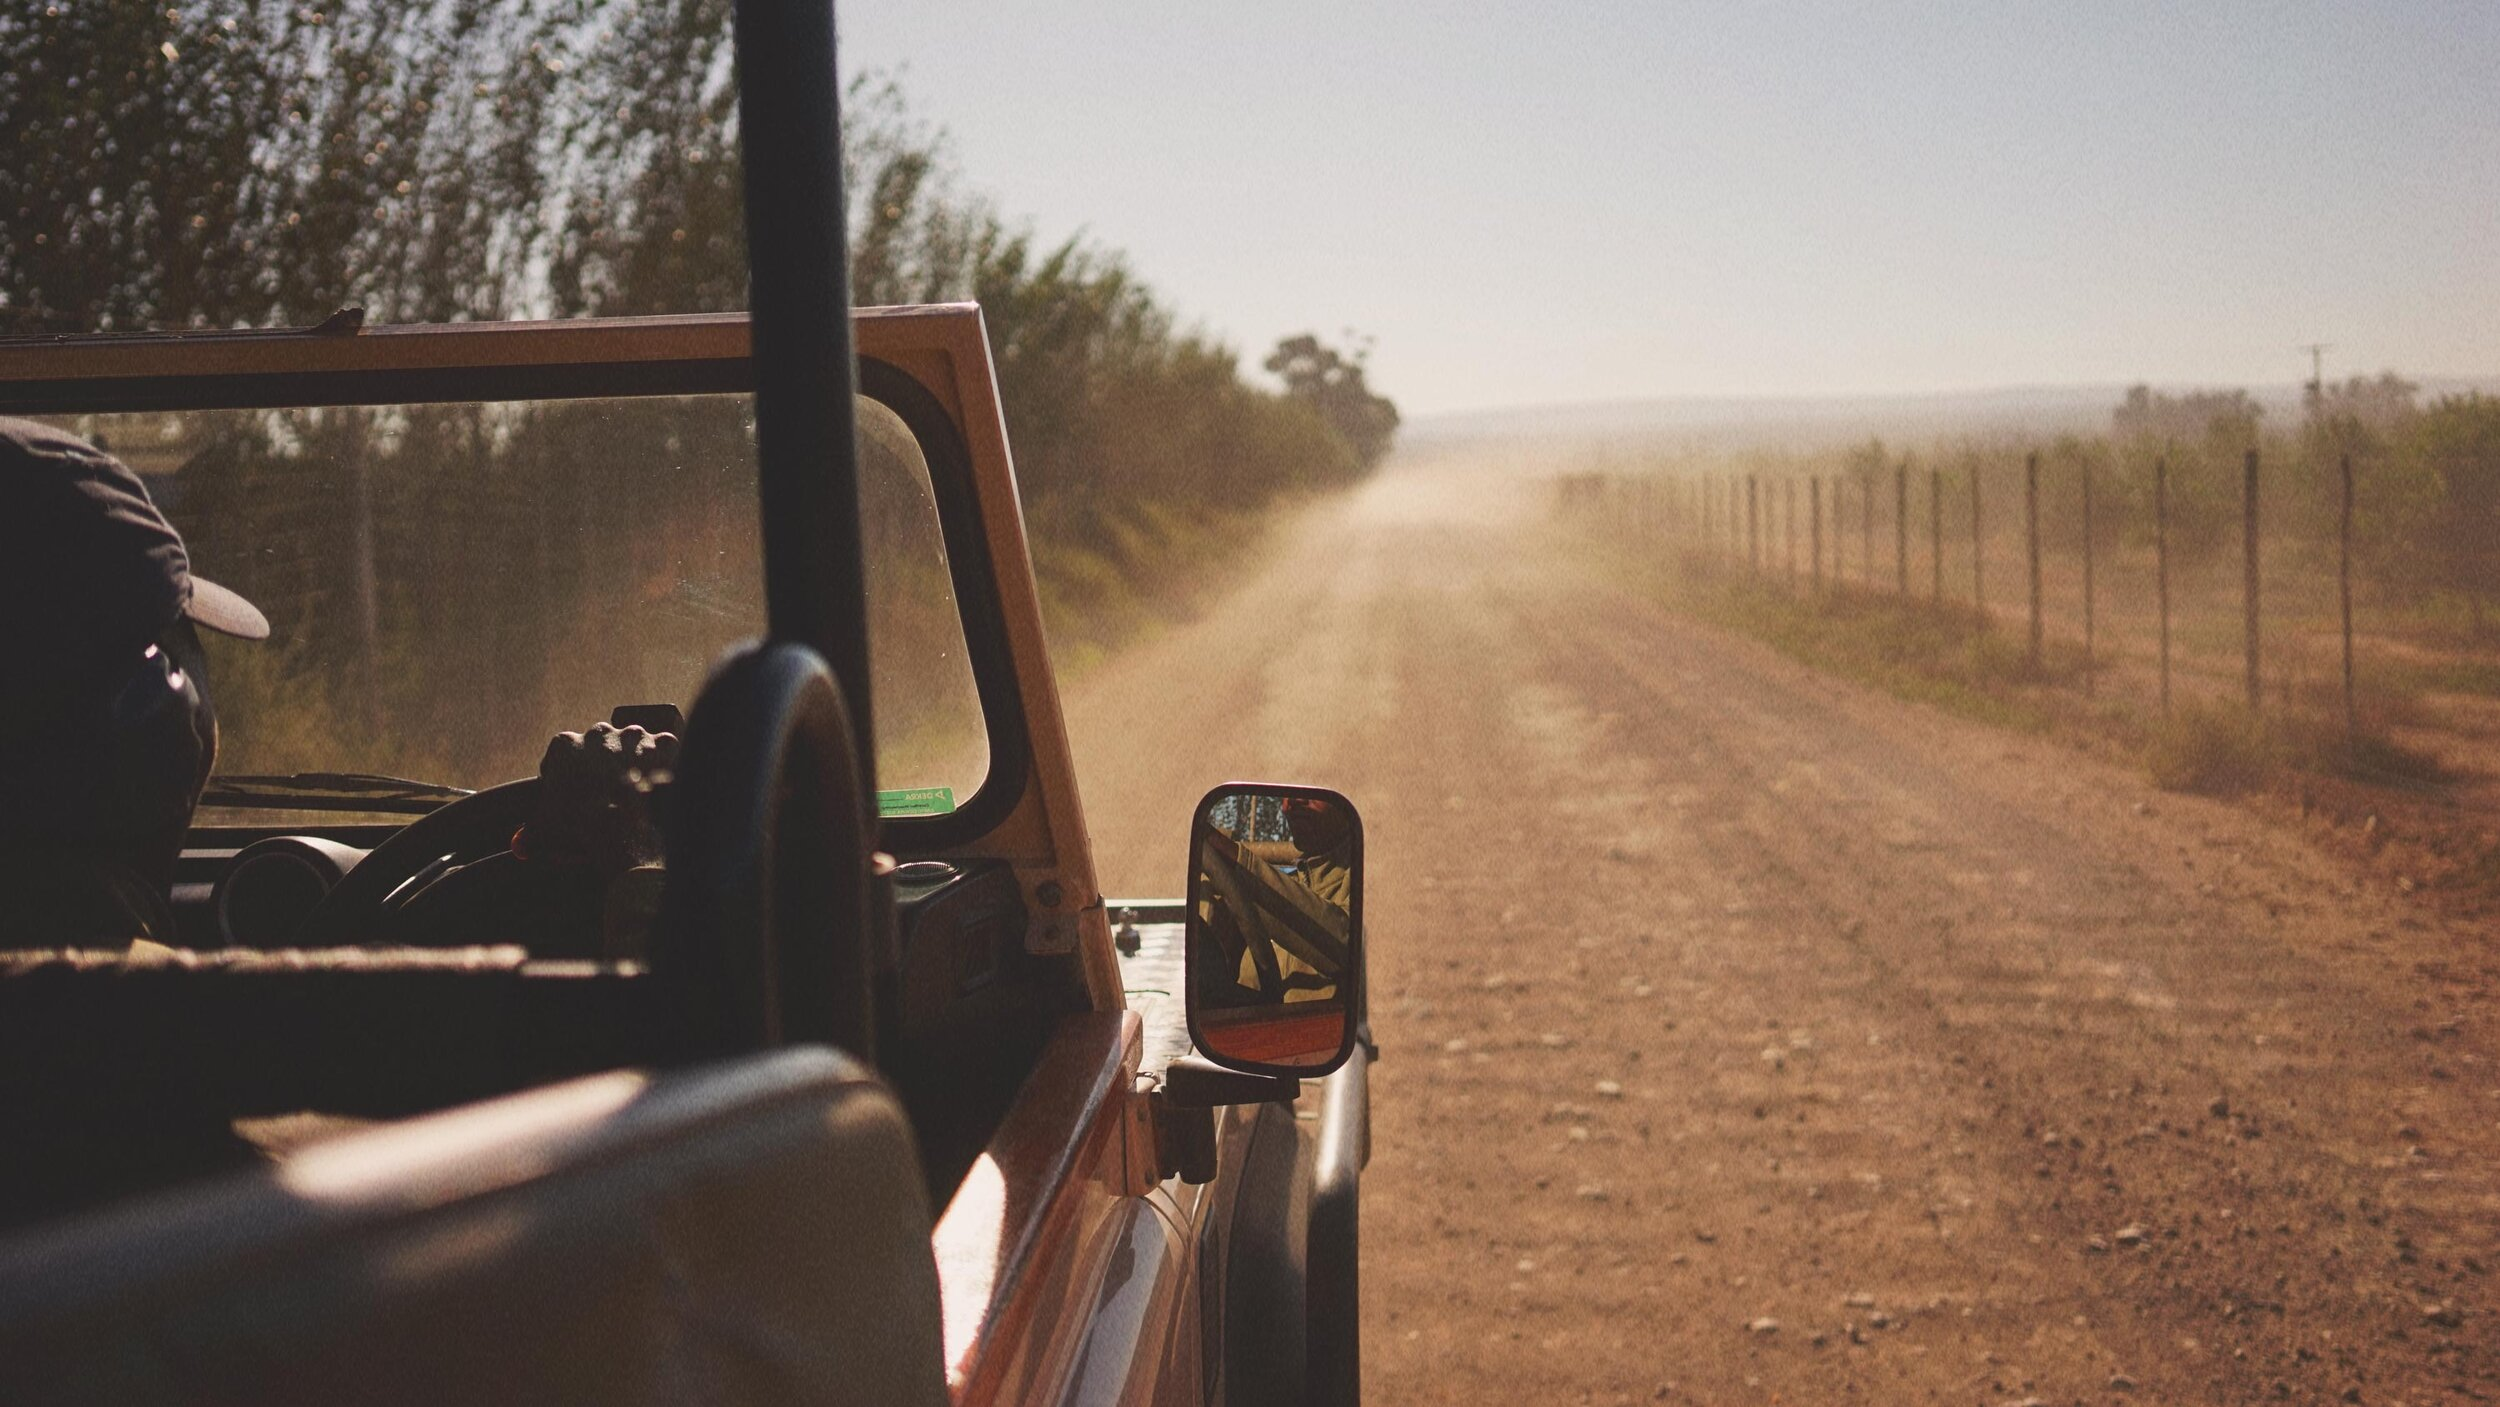 79_Giepert_South_Africa.jpg